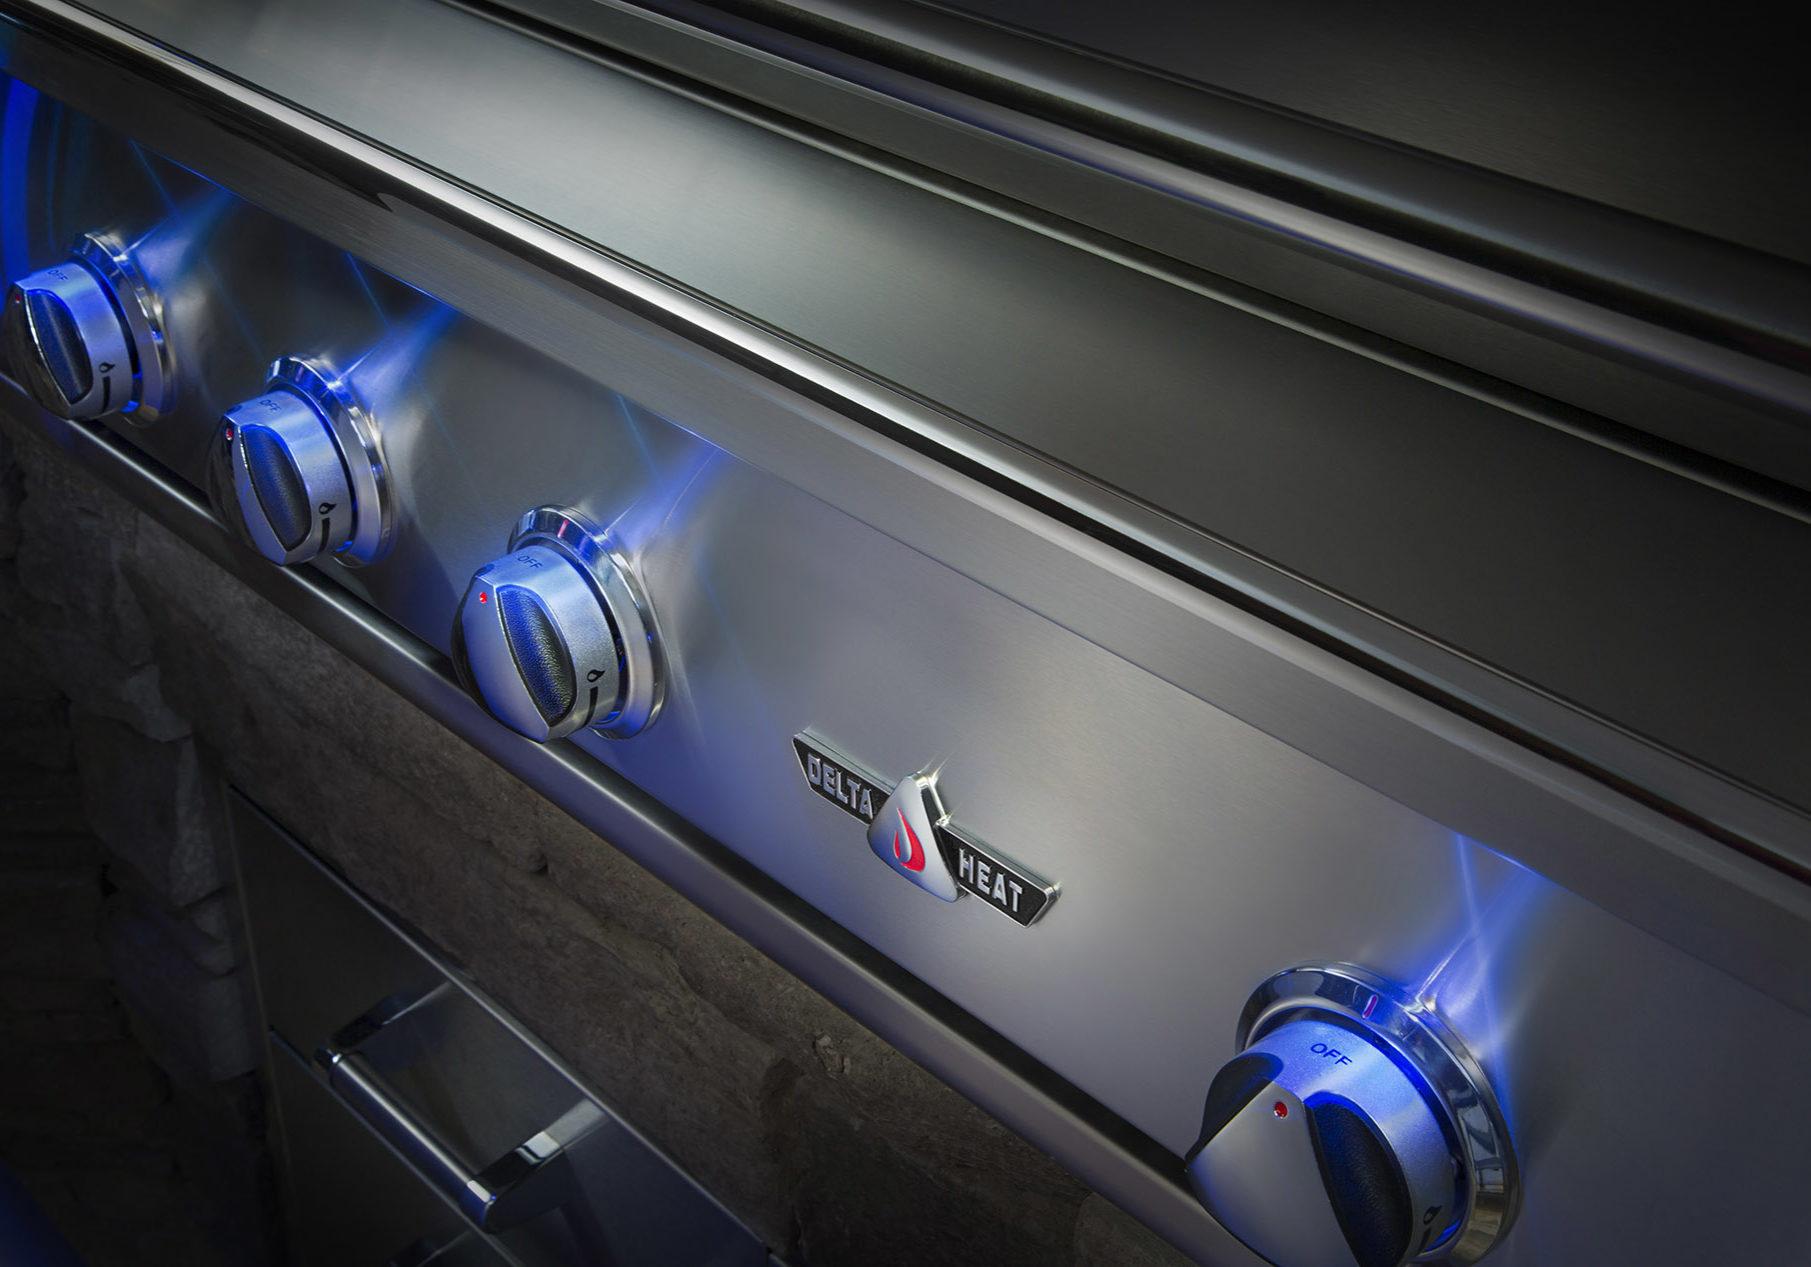 Img1-LED Control Panel Lights